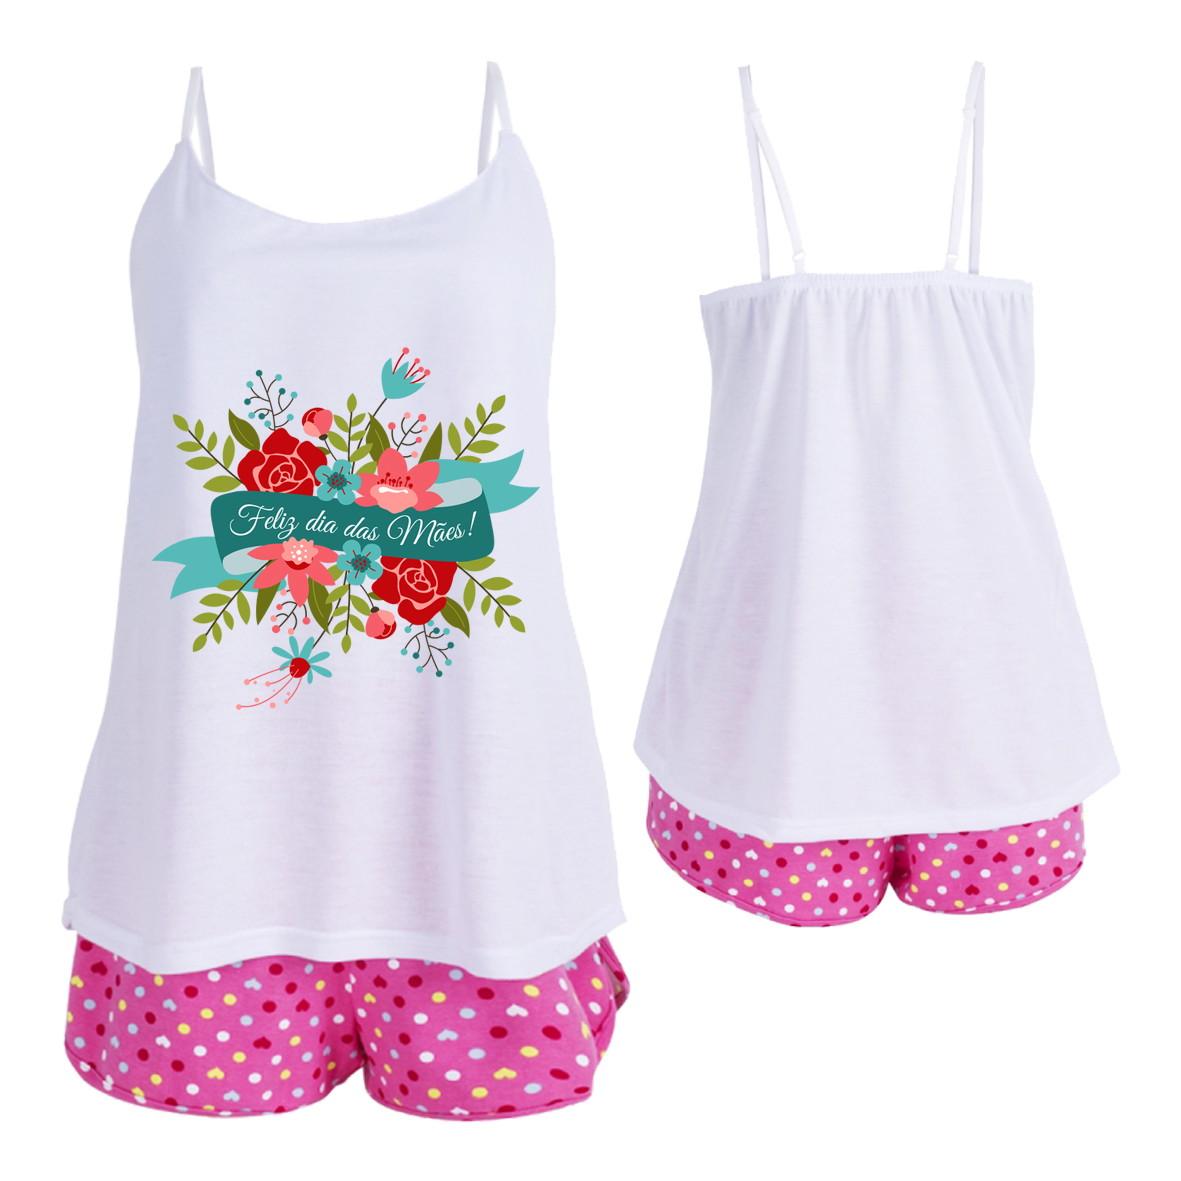 d5a2d382a8b Conjunto Pijama Feminino Dia das Mães no Elo7